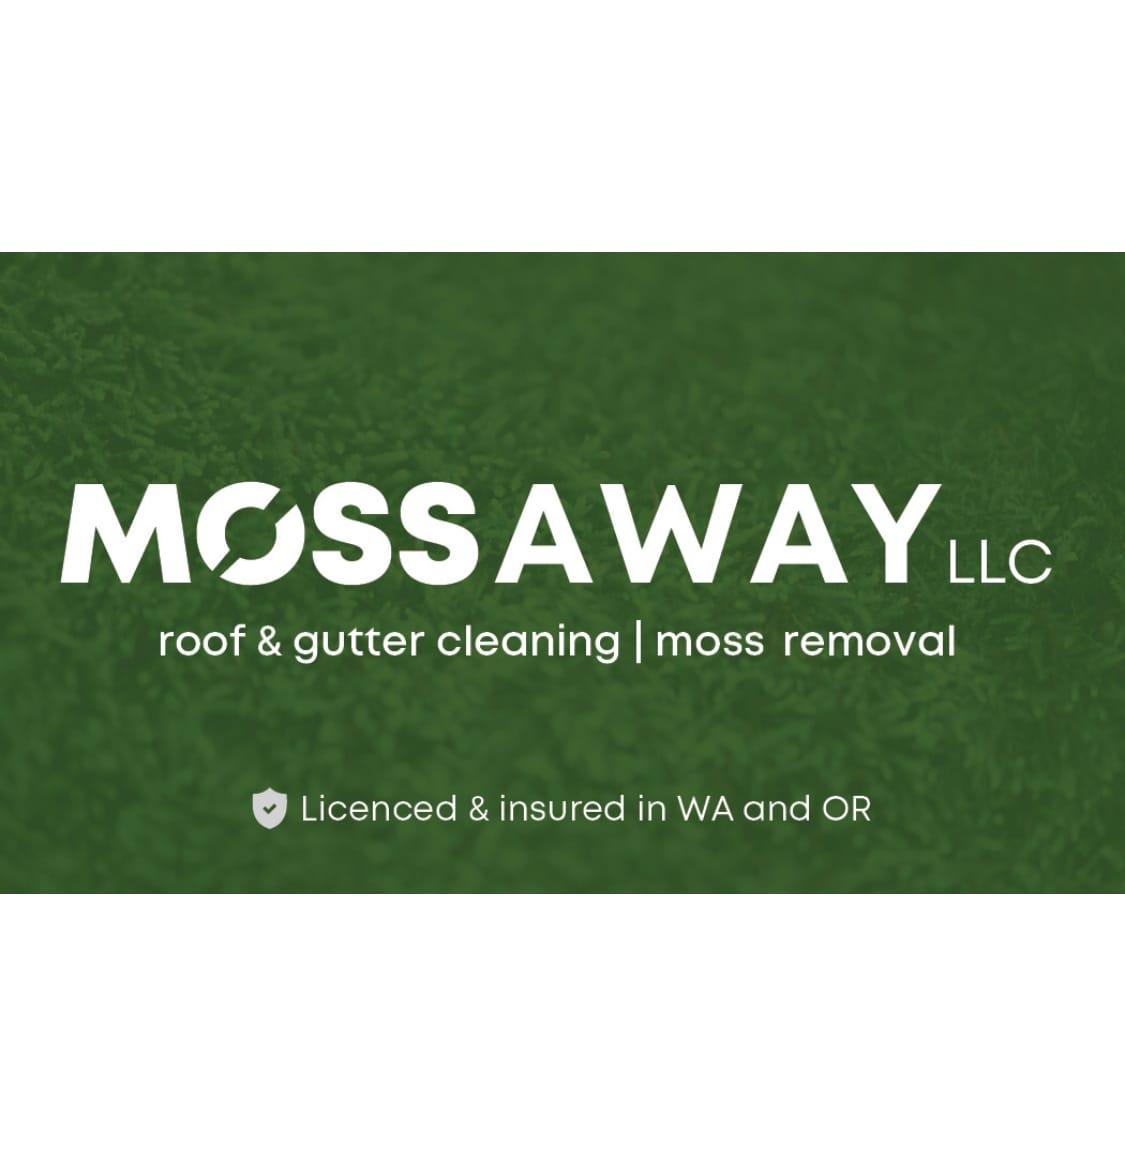 Mossaway